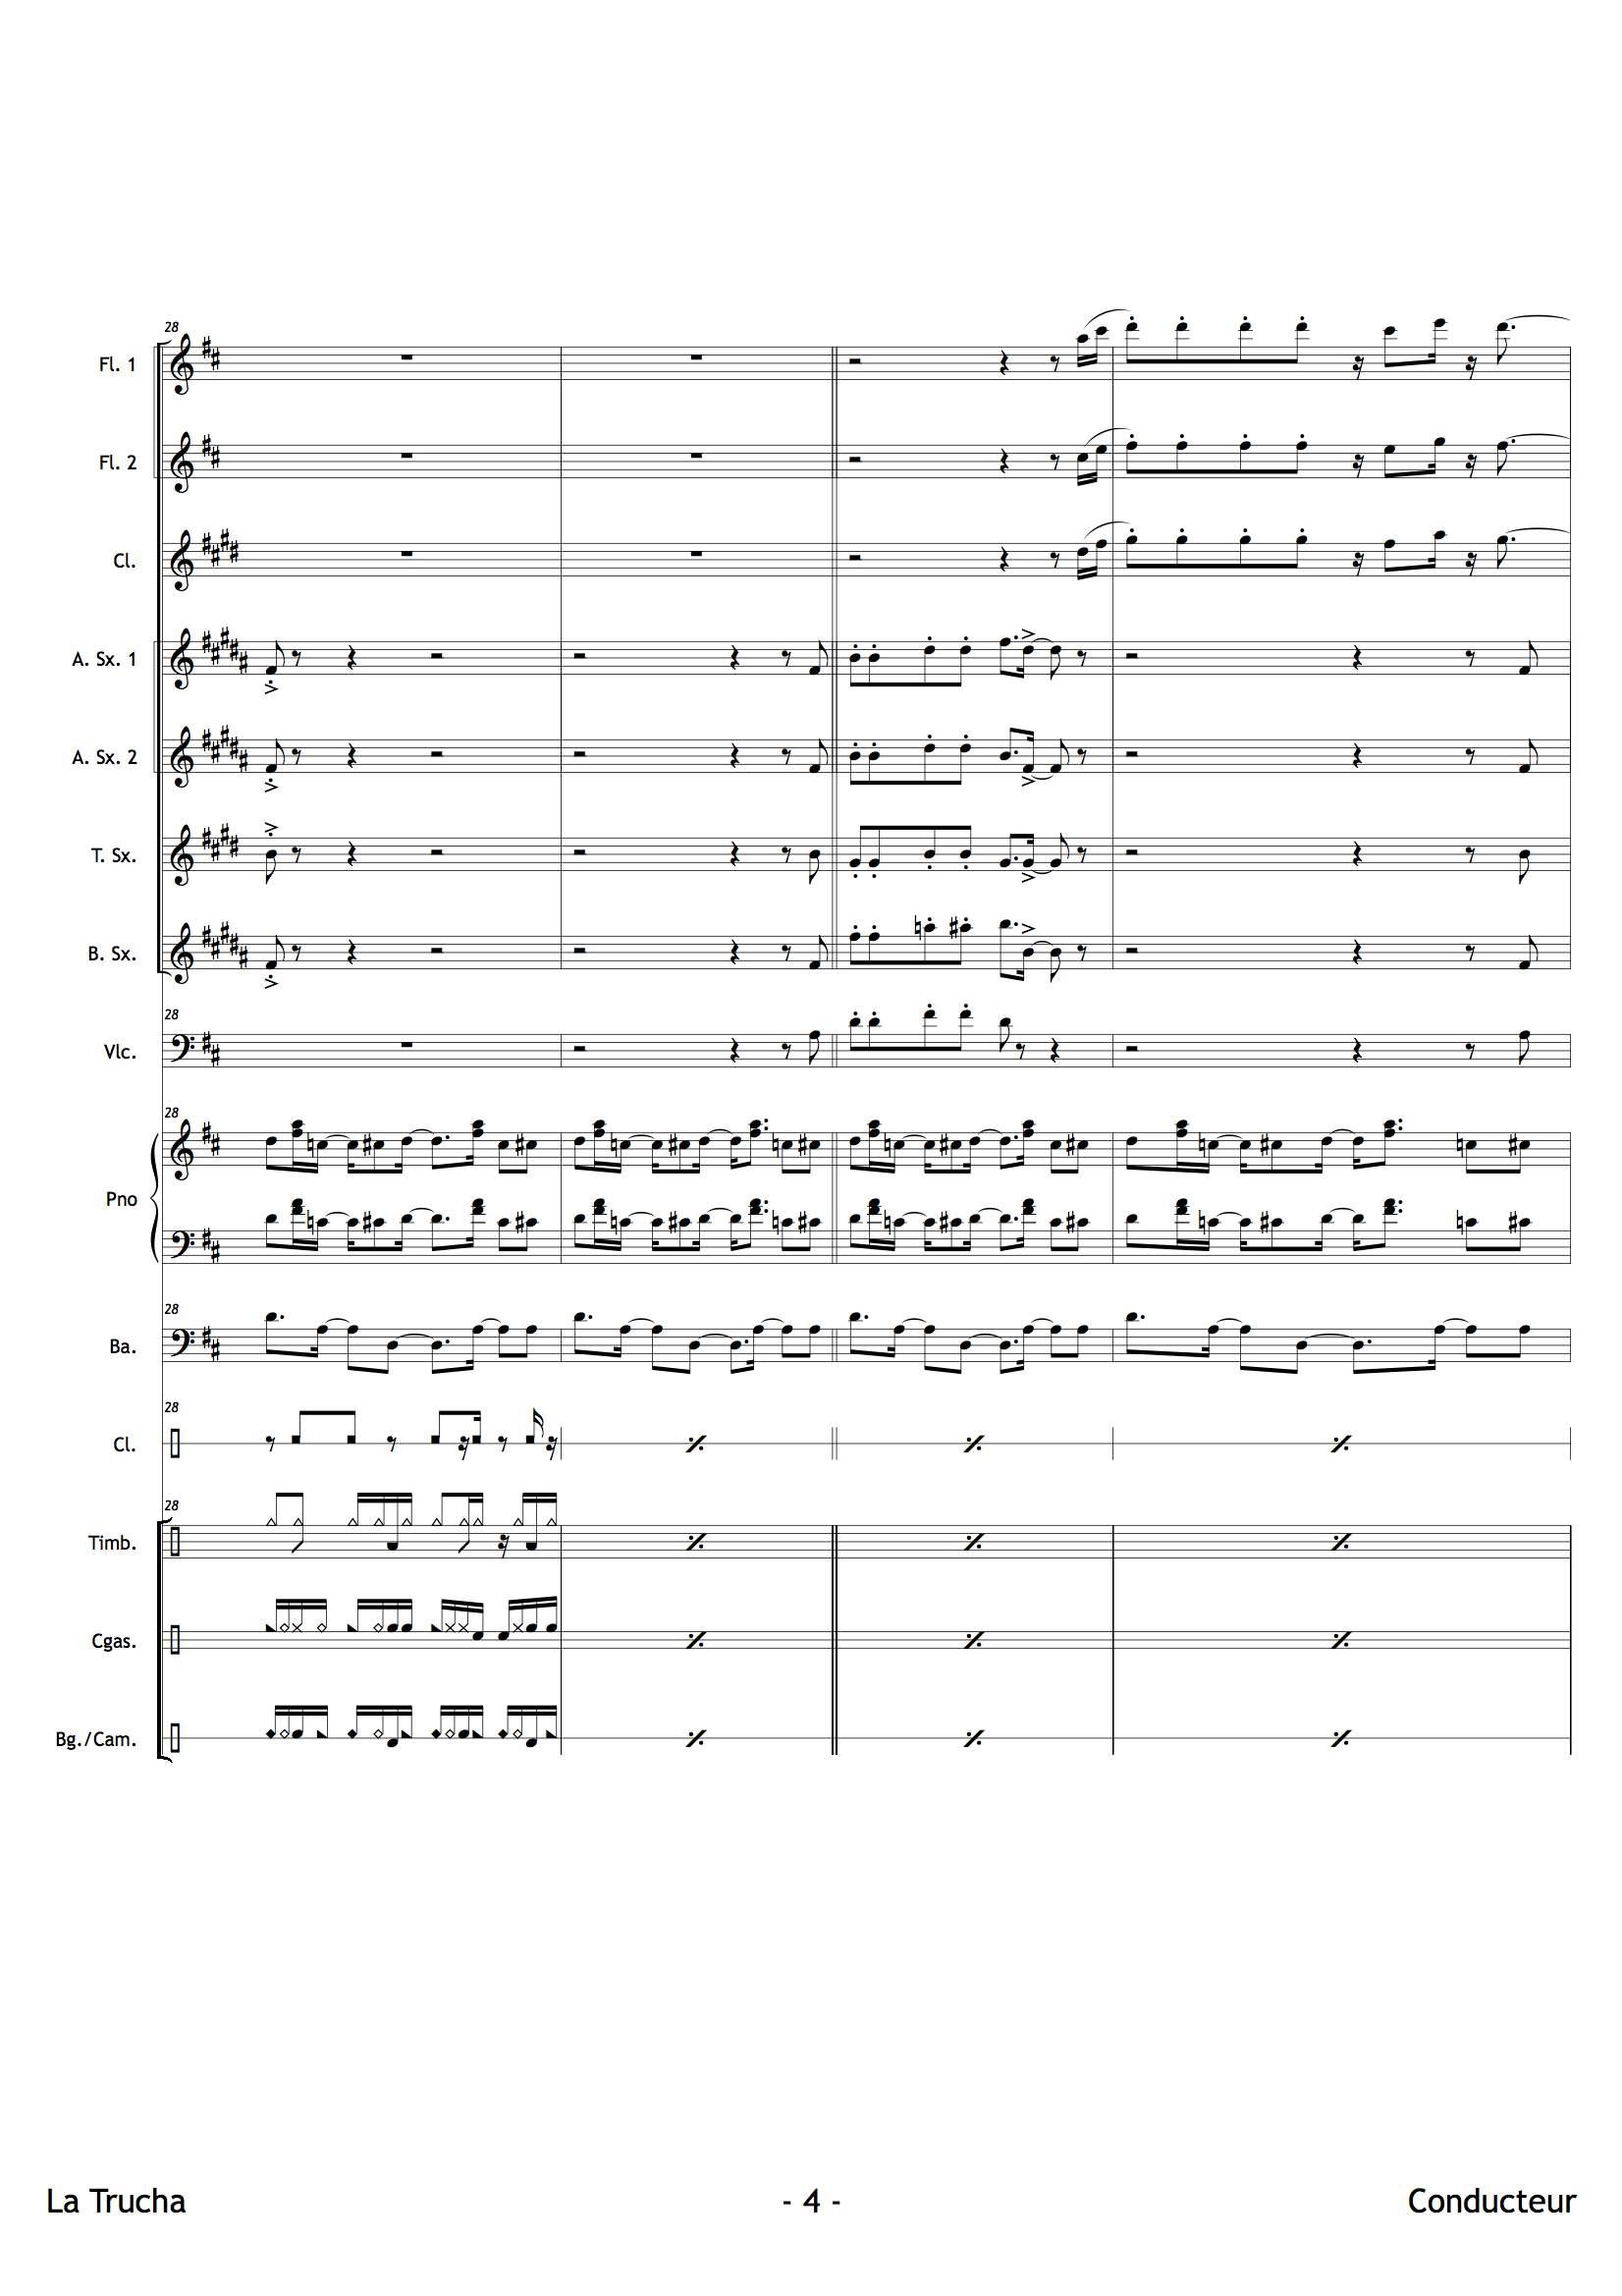 Schubert, Franz Peter: La Trucha